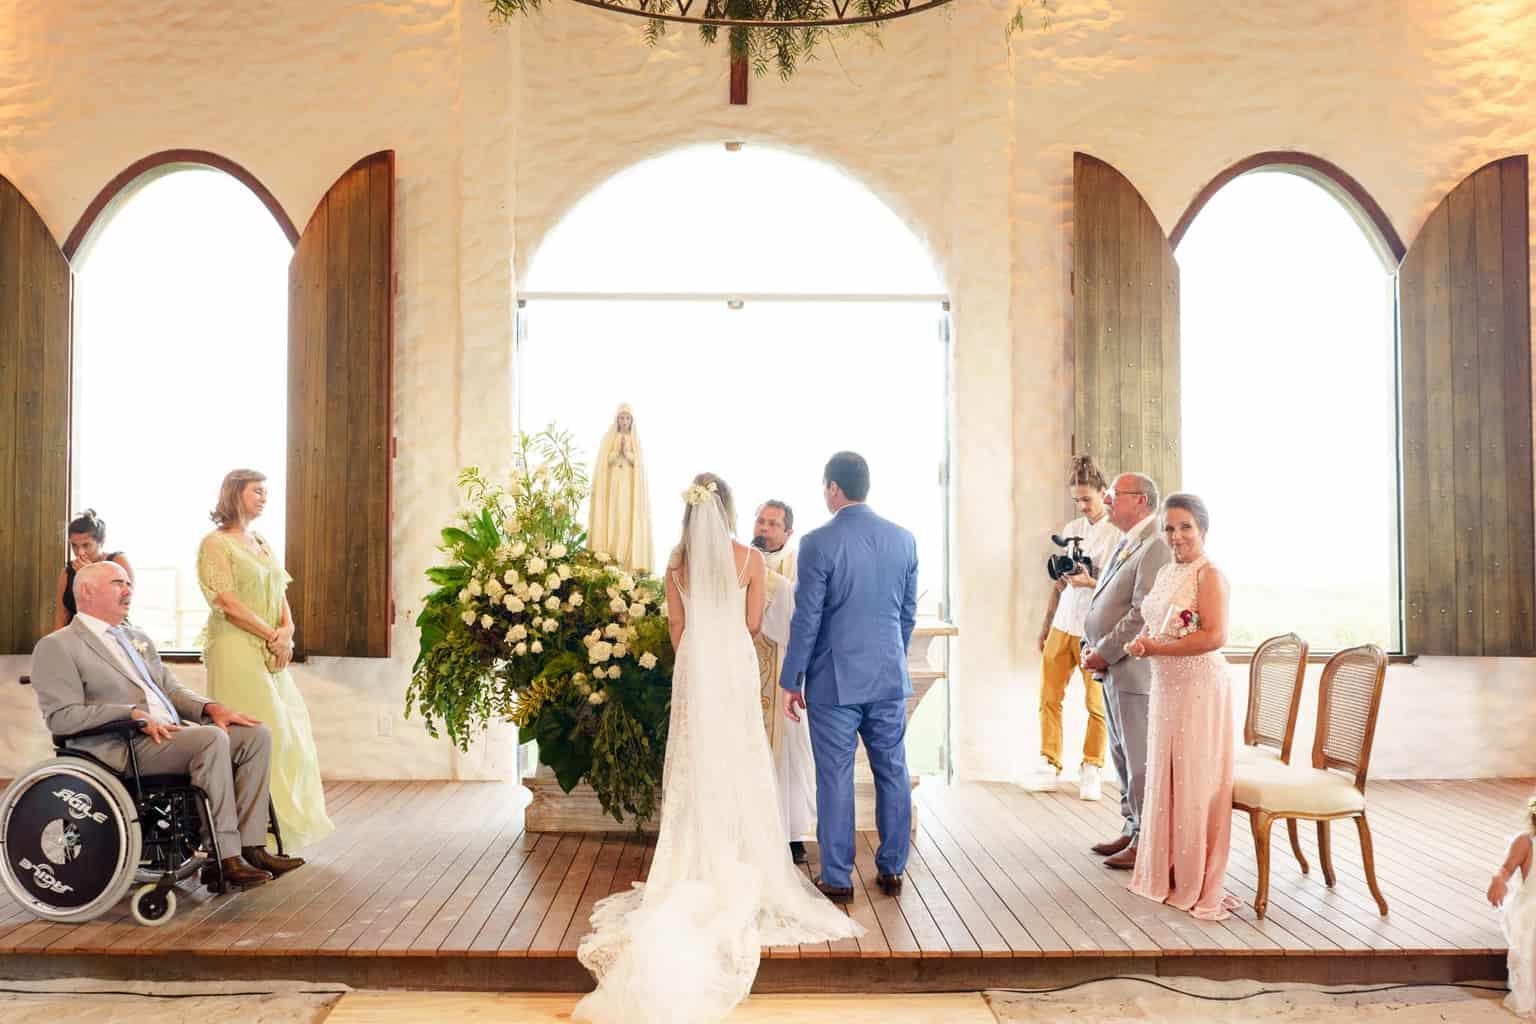 AL-Aline-e-Mauricio-capela-dos-milagres-casamento-casamento-na-praia-cerimonia-na-igreja-noivos-na-igreja88